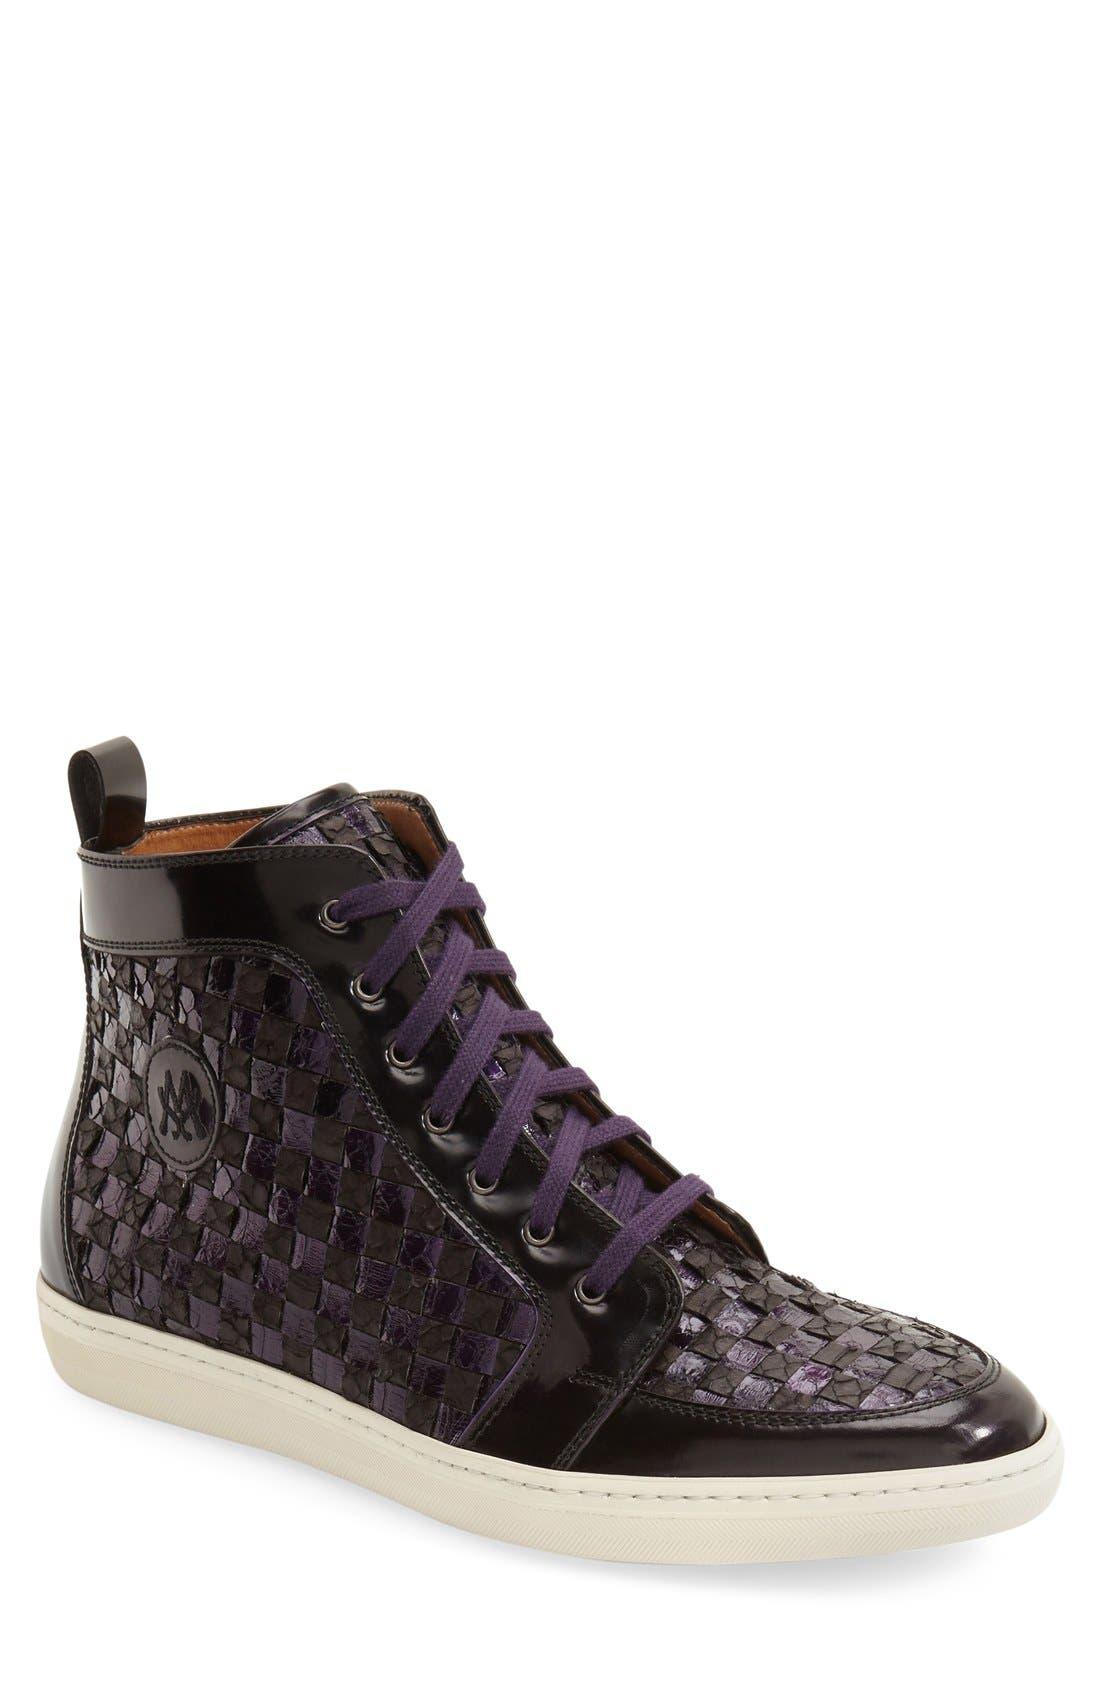 Main Image - Mezlan 'Colonia' High Top Sneaker (Men)